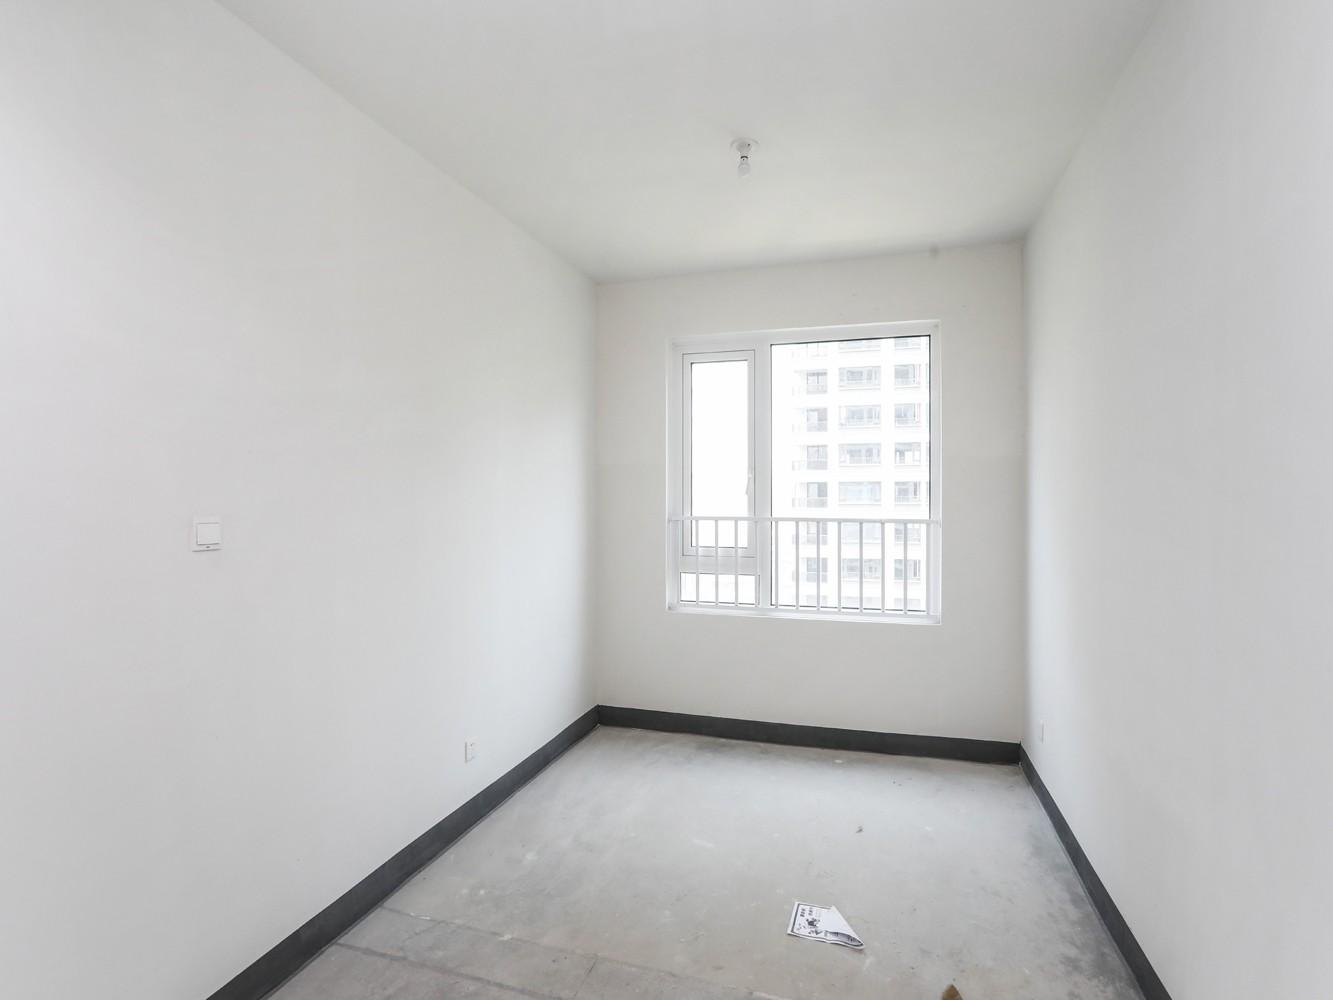 新出 127方大四房 边套 满2年 随时看房 全明户型